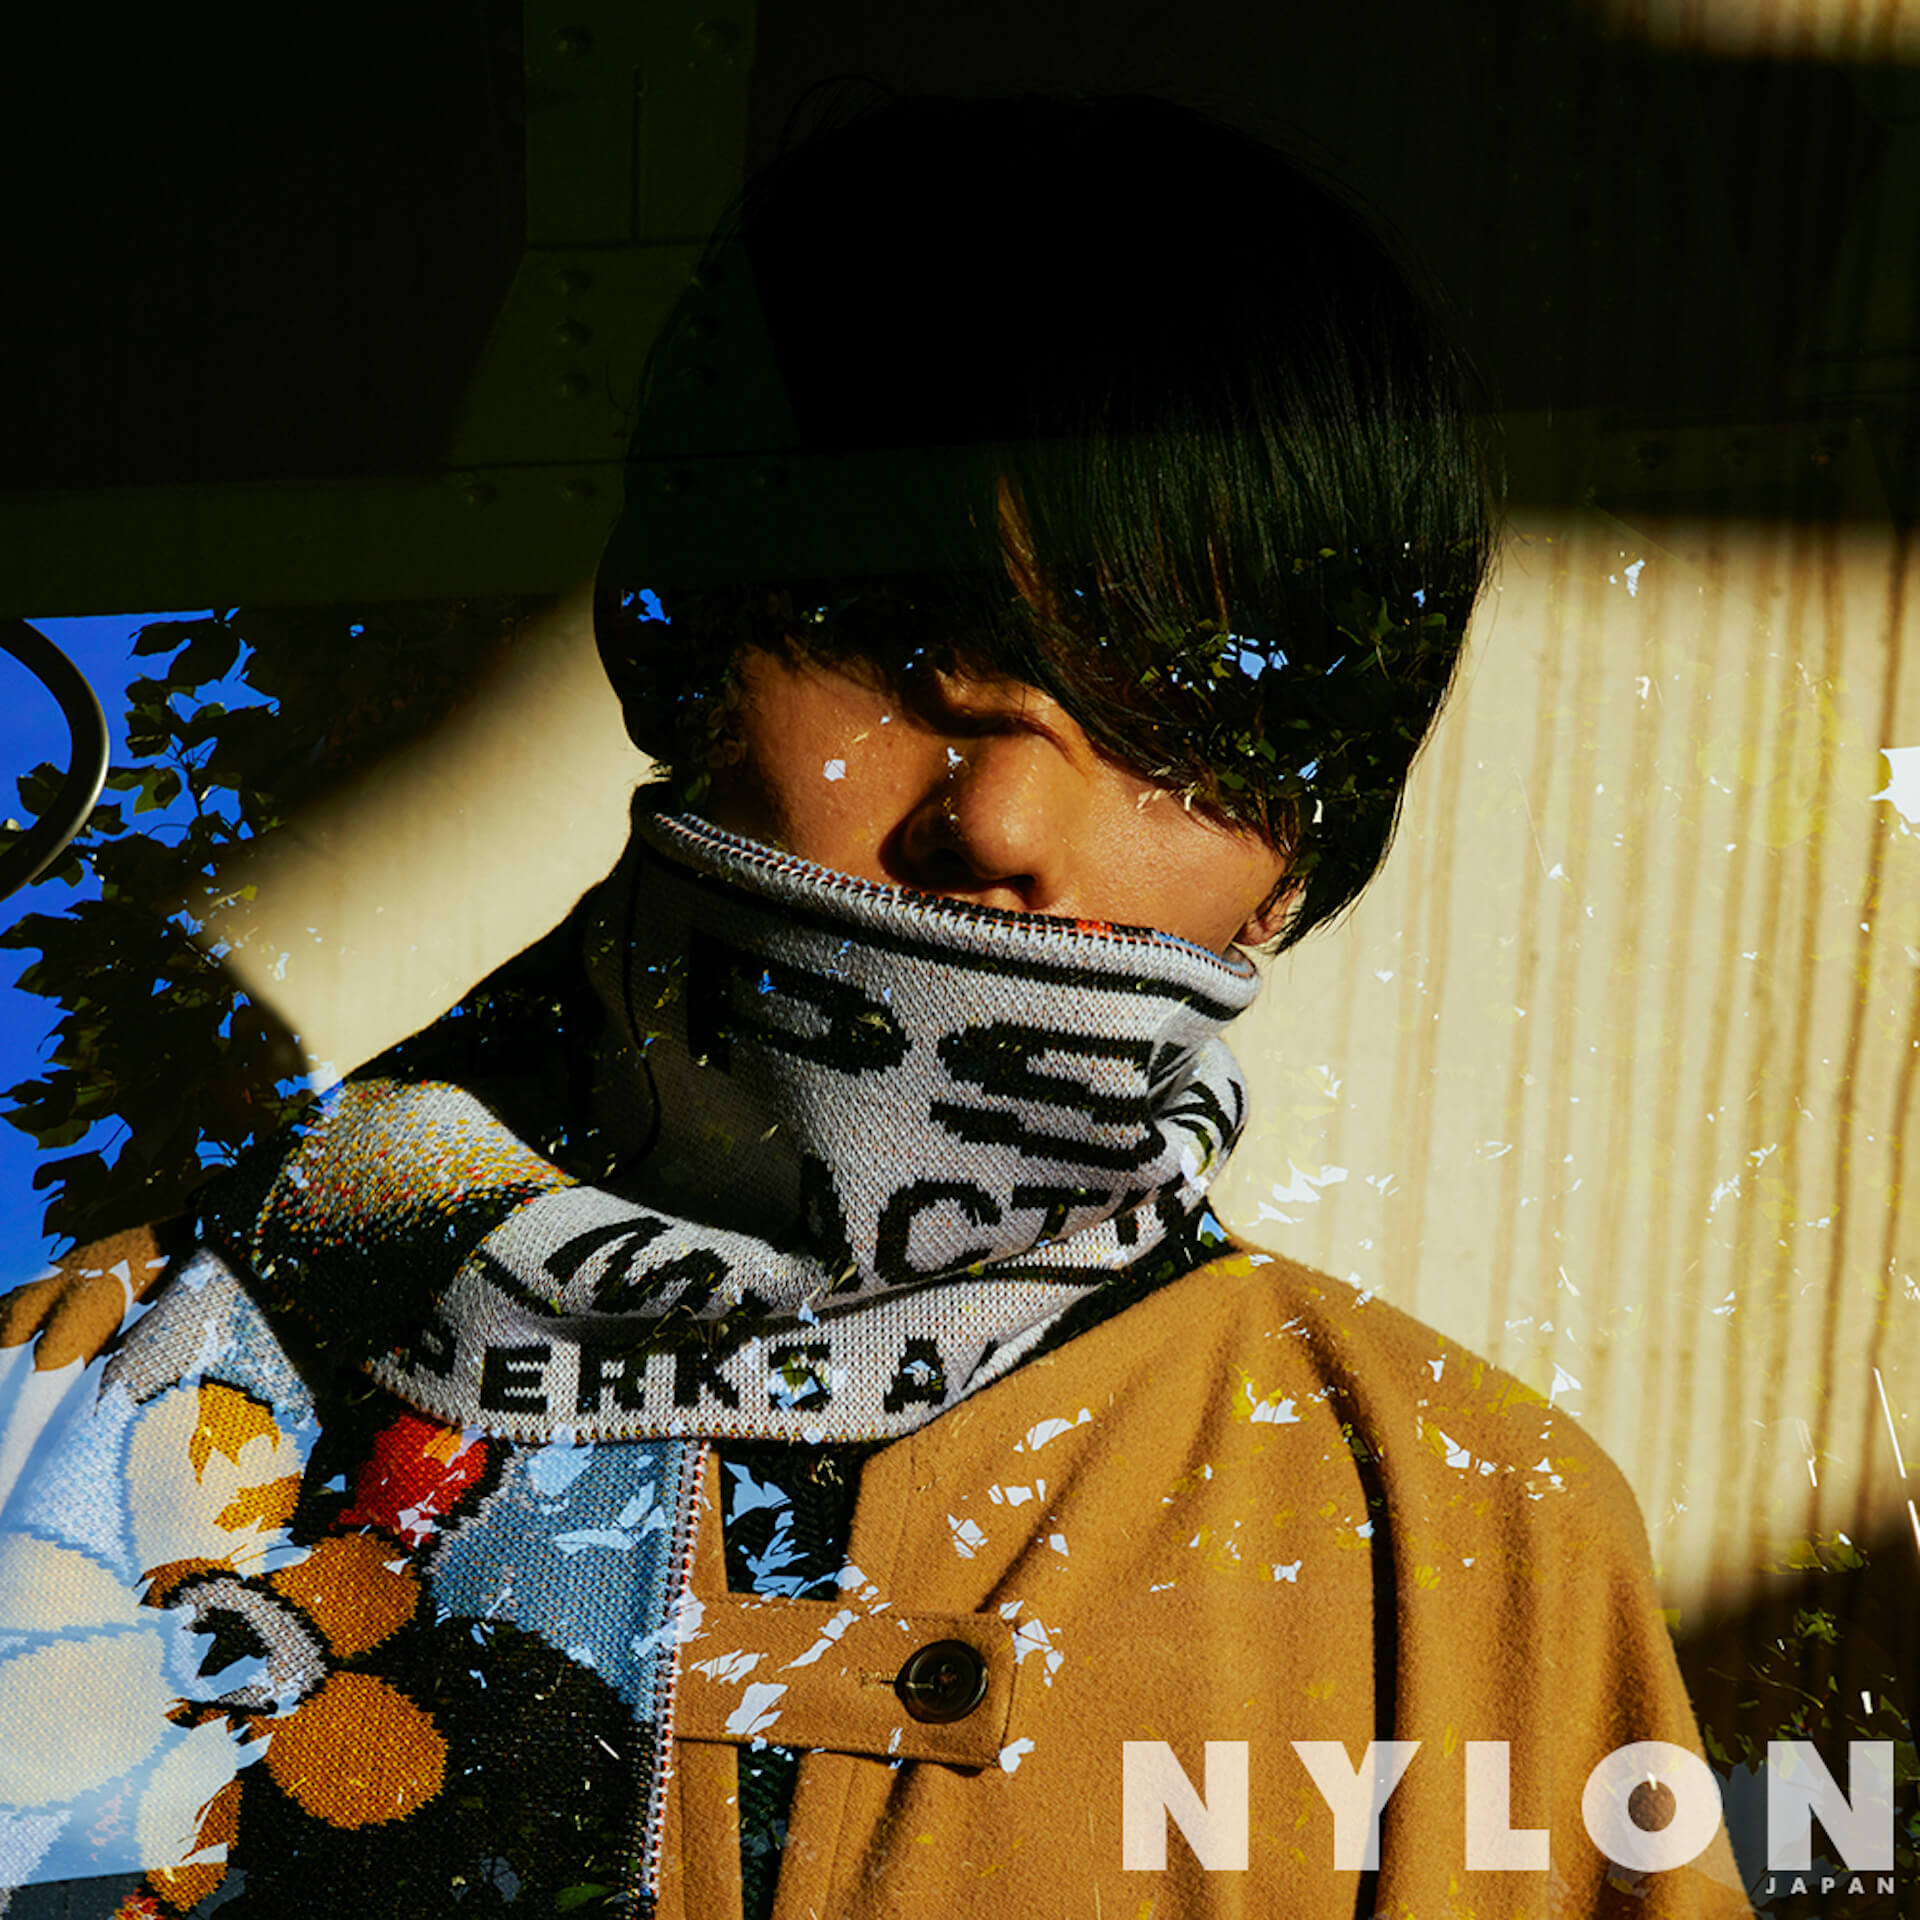 力強い視線にくぎ付け…NYLON JAPAN12月号カバーガールに上白石萌歌&guysに高良健吾が初登場! lifeandfashion191023_nylonmoka_06